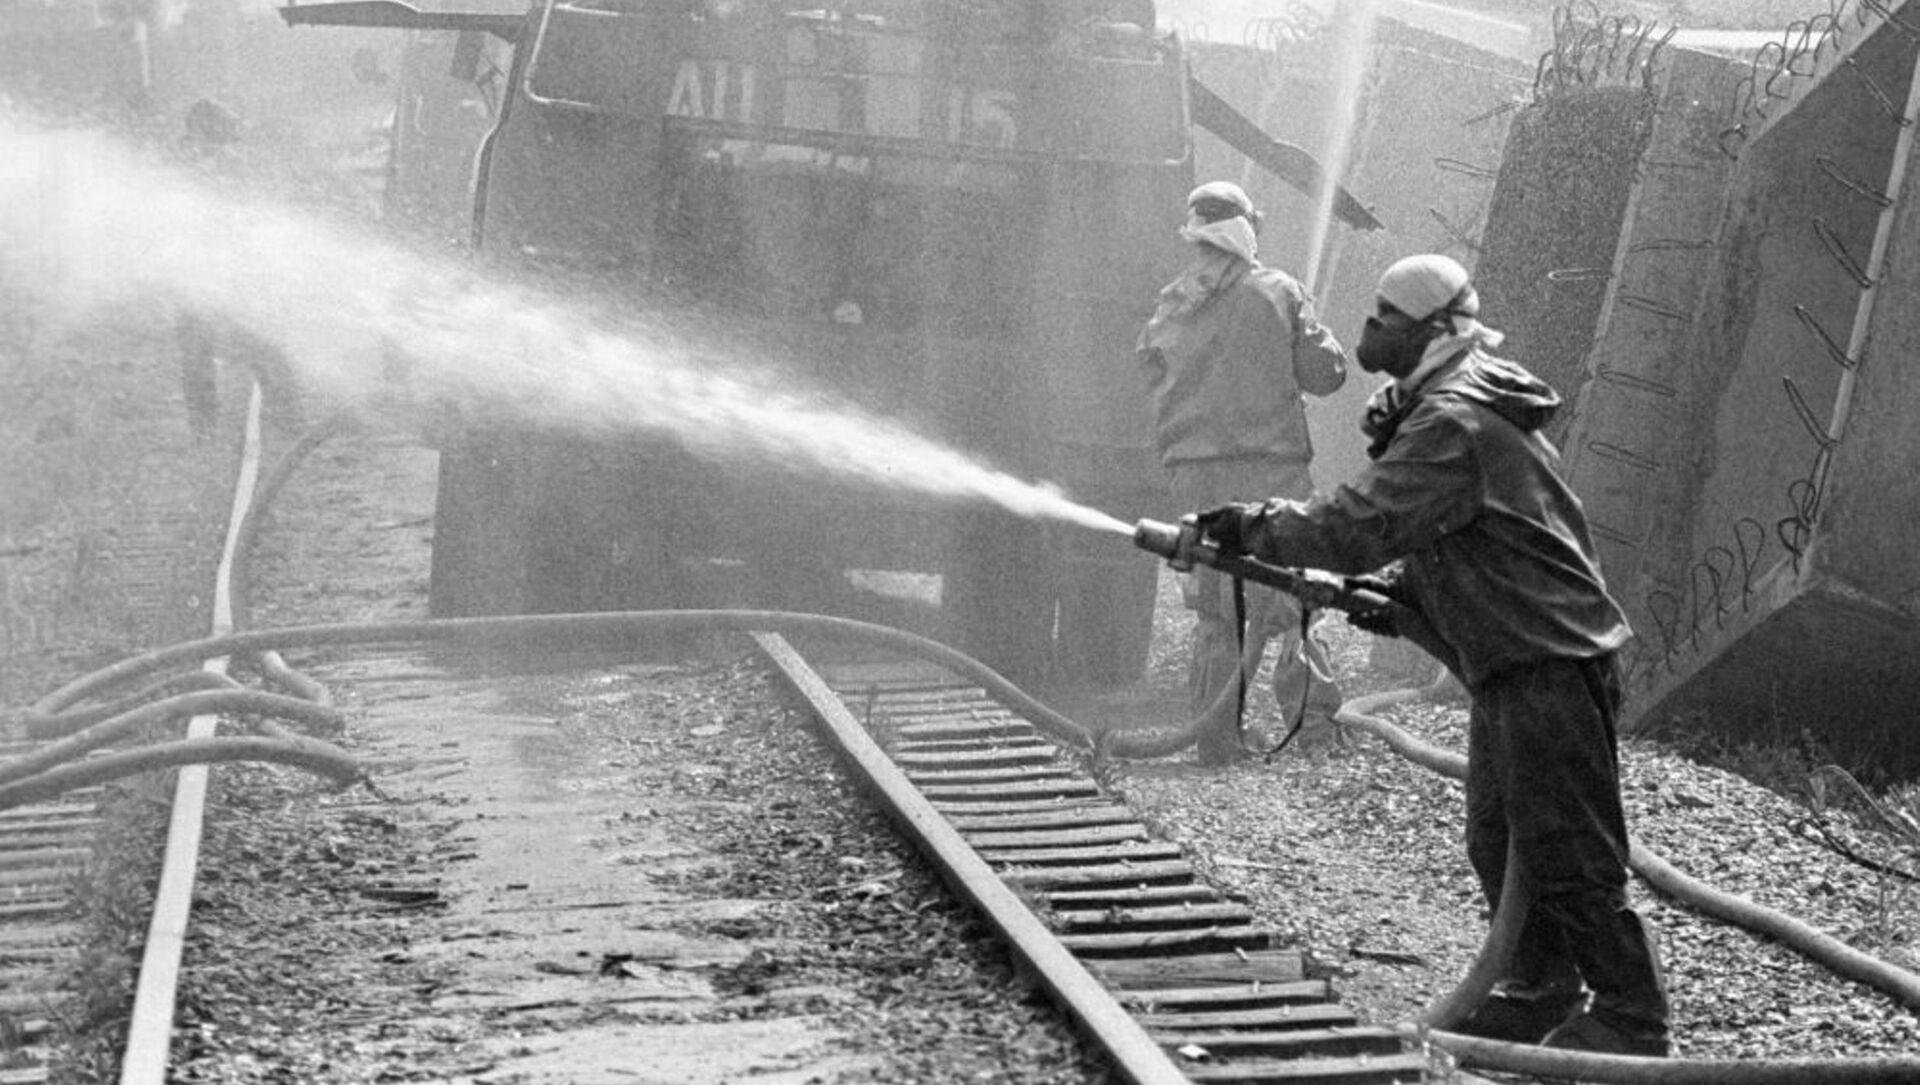 Historia de valentía: el ciudadano de la URSS de raza negra que tomó parte en Chernóbil - Sputnik Mundo, 1920, 28.06.2019